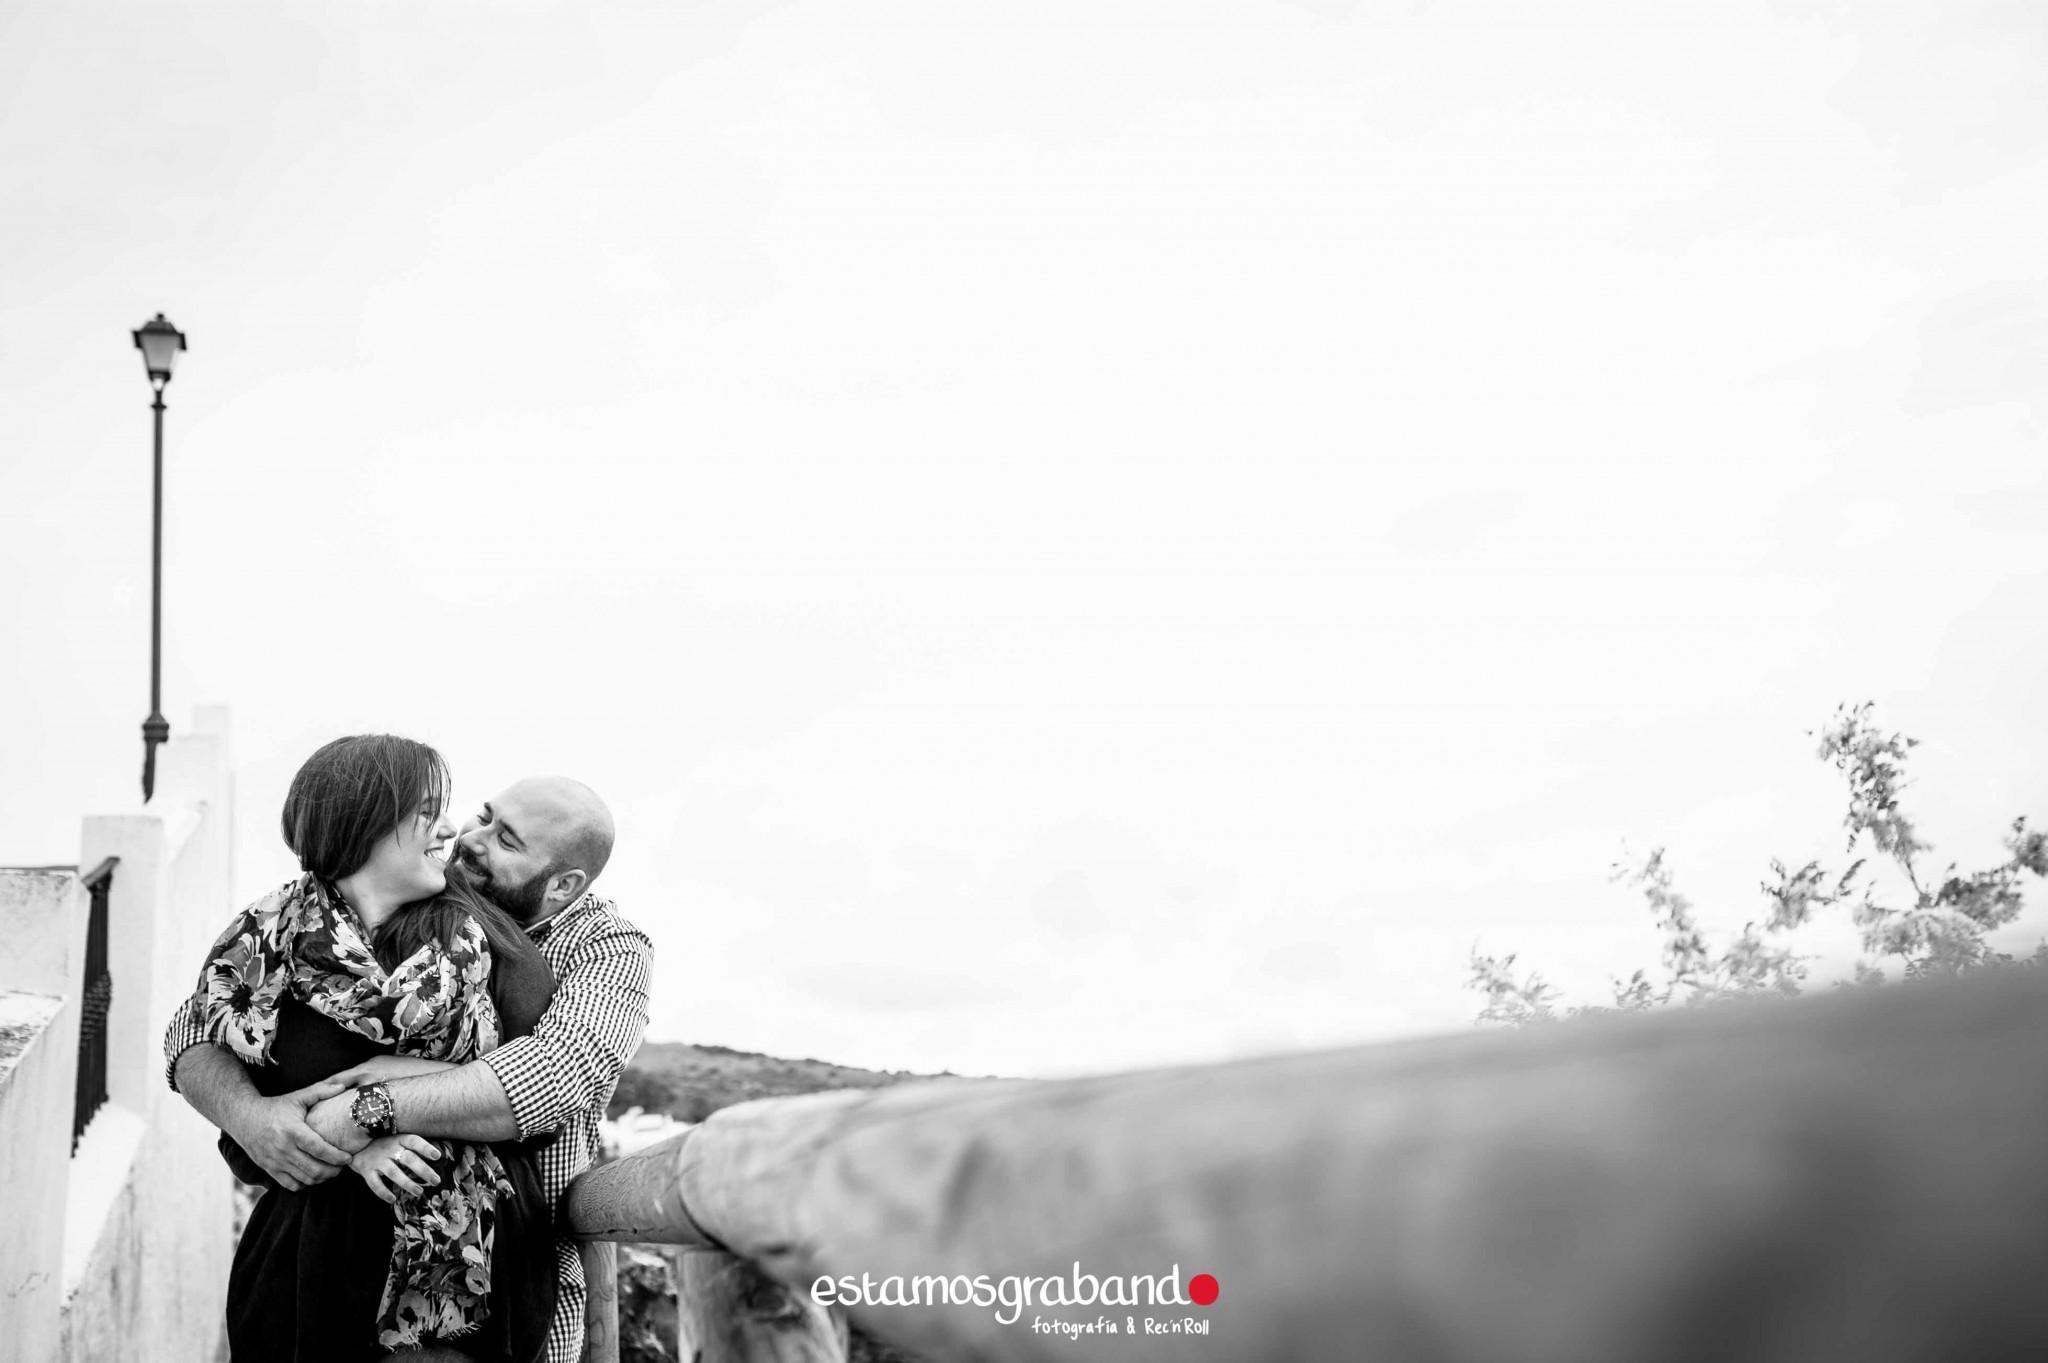 mariano-leticia-blog-4-de-25 Mariano & Leticia [Fotografía Preboda en Vejer y El Palmar] - video boda cadiz